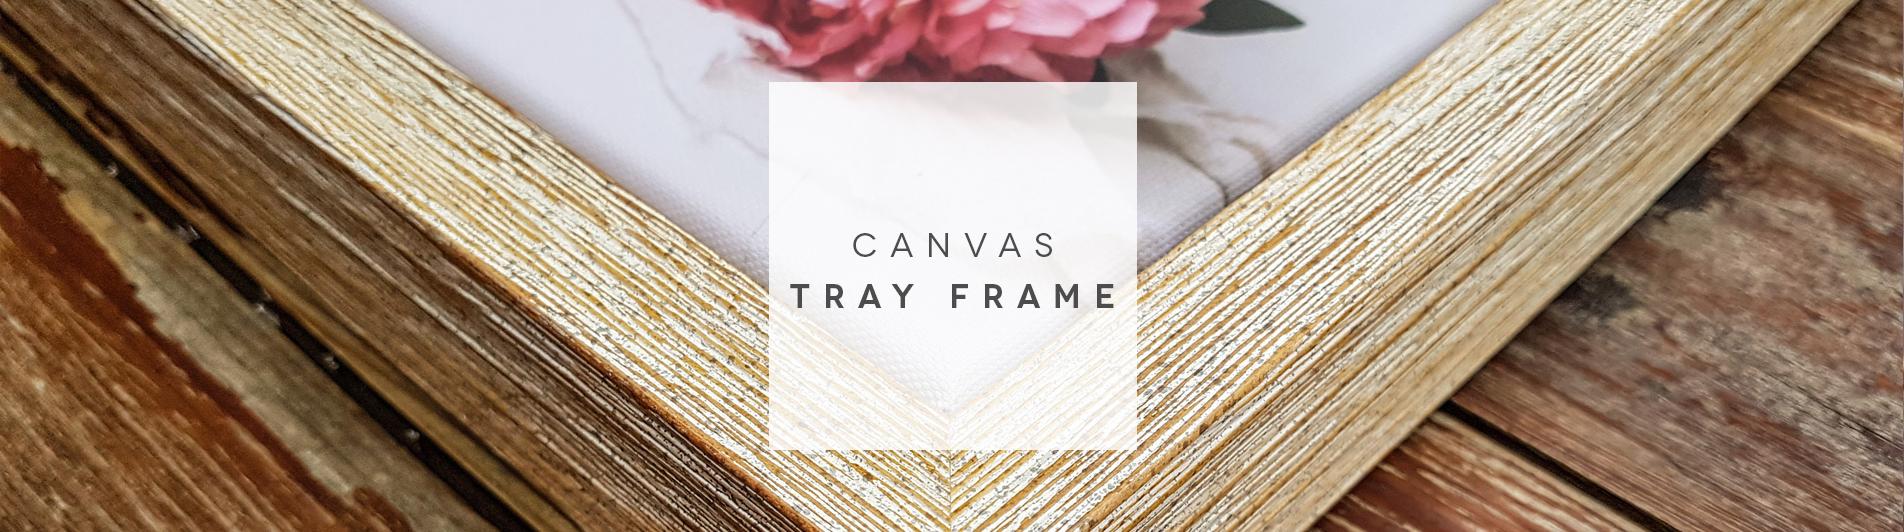 Canvas Tray Frame | Canvas Prints | Wall Art | Digitalab